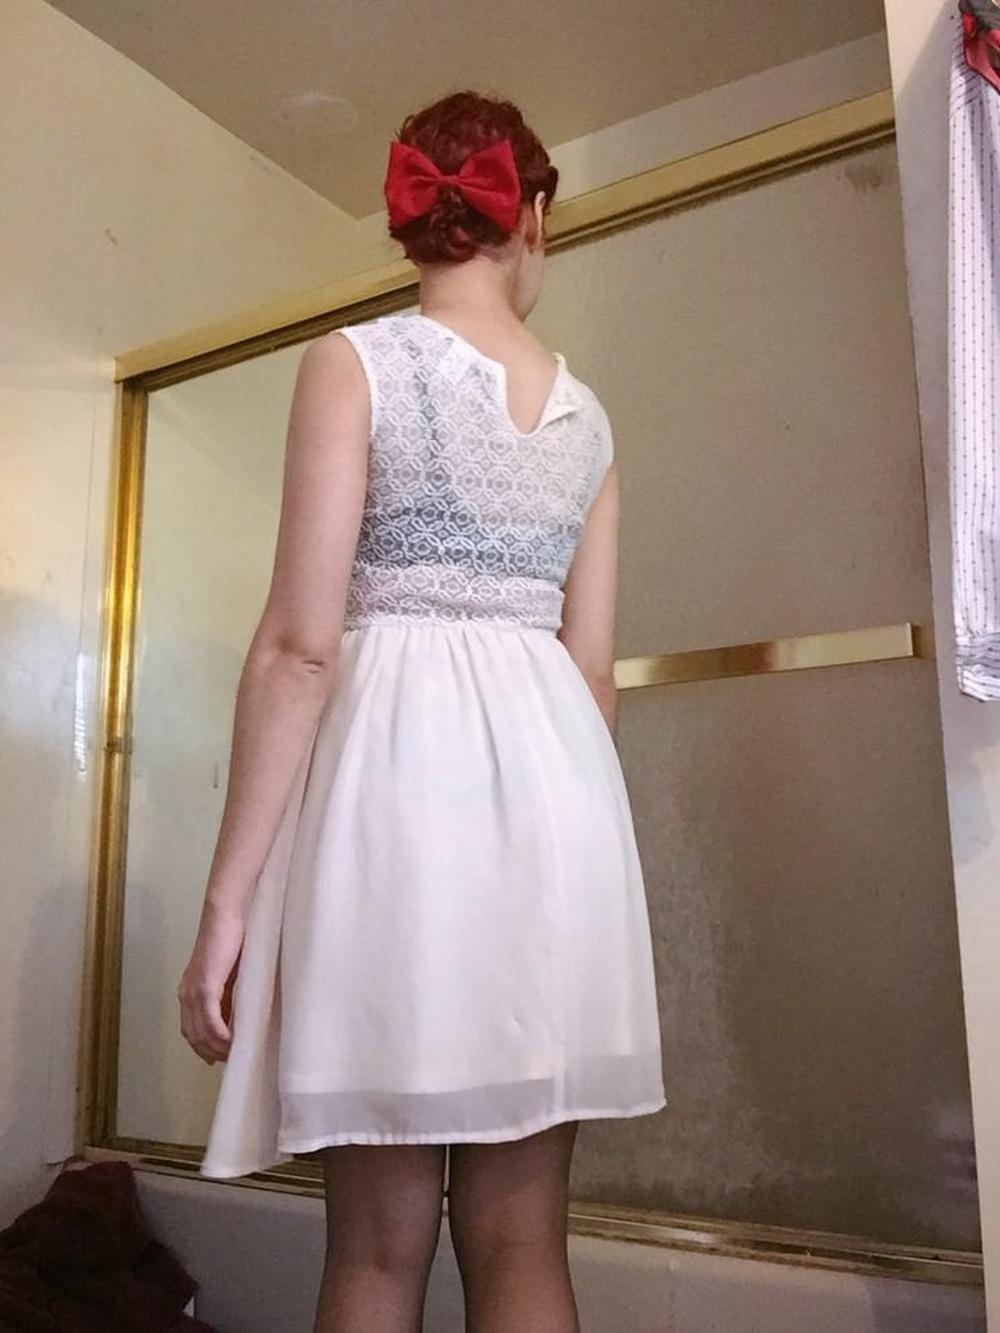 Сисястая девка в стиле пинап задрала платье и продемонтстрировала приличную сраку